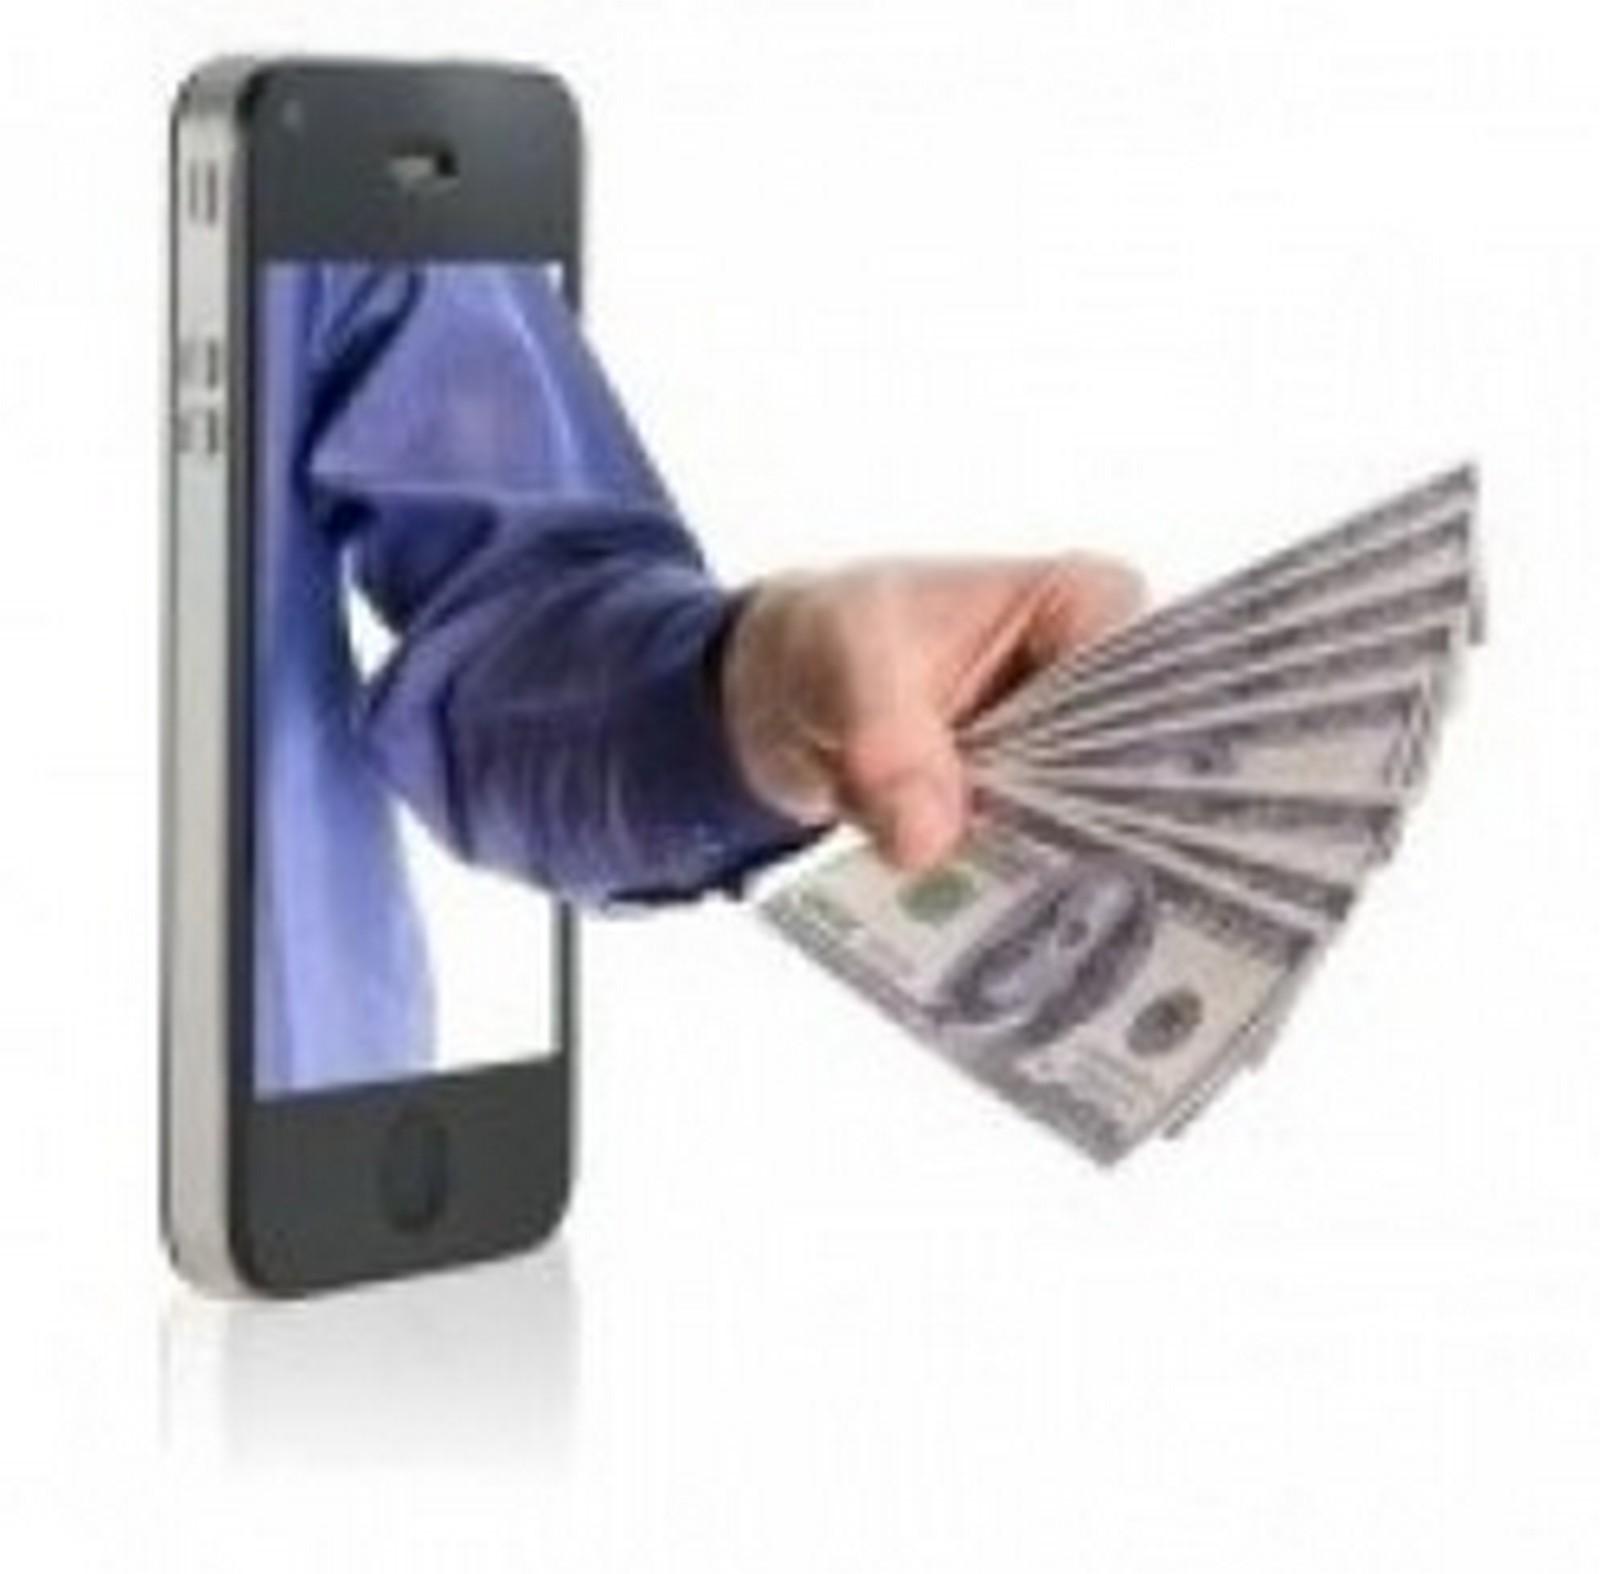 İnternet və mobil bankçılıq xidmətlərinin üstünlüyü